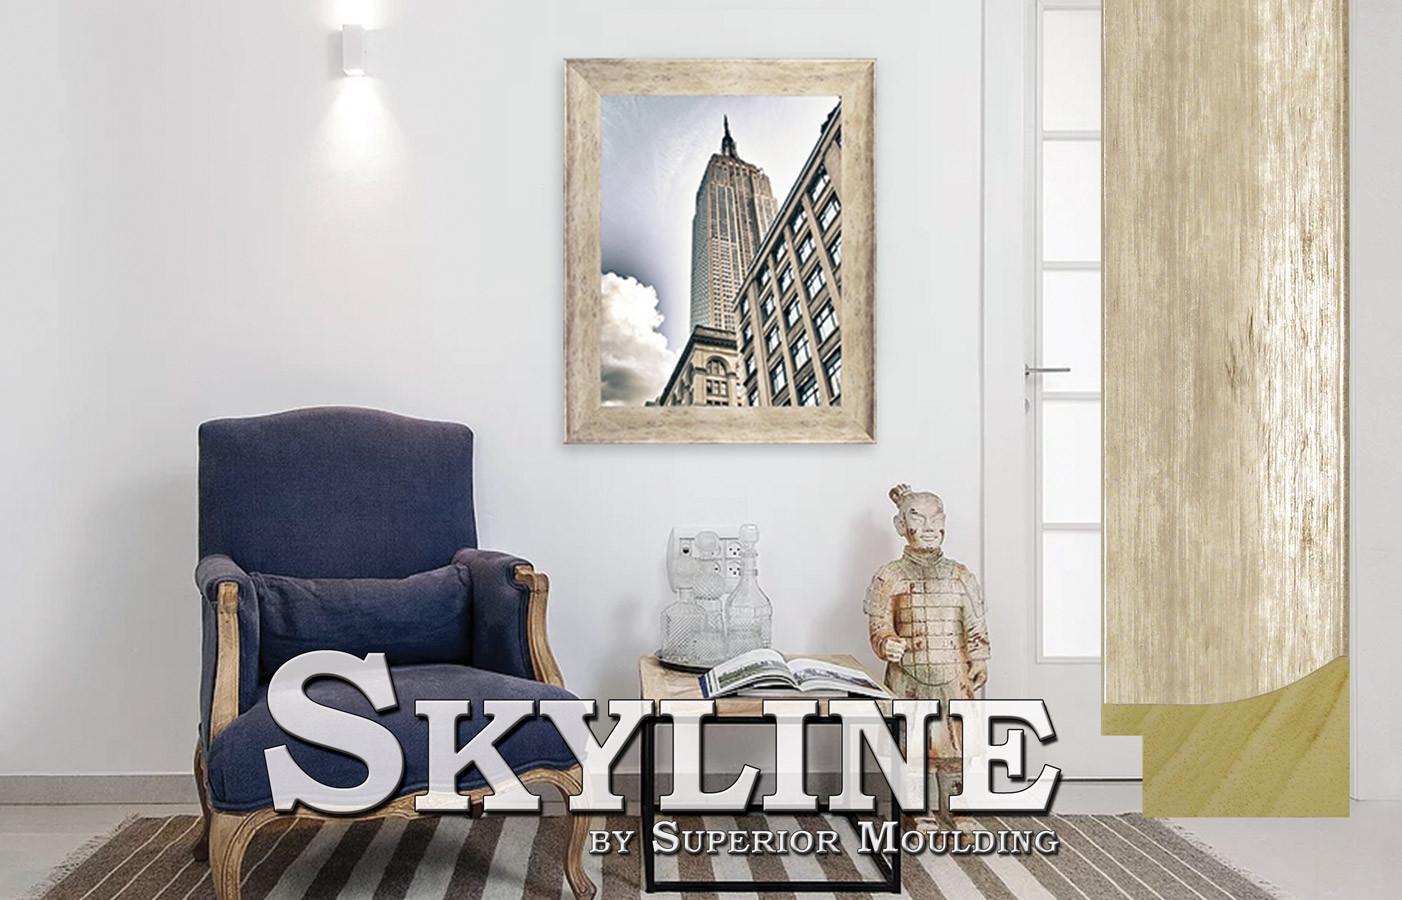 Skyline Moulding